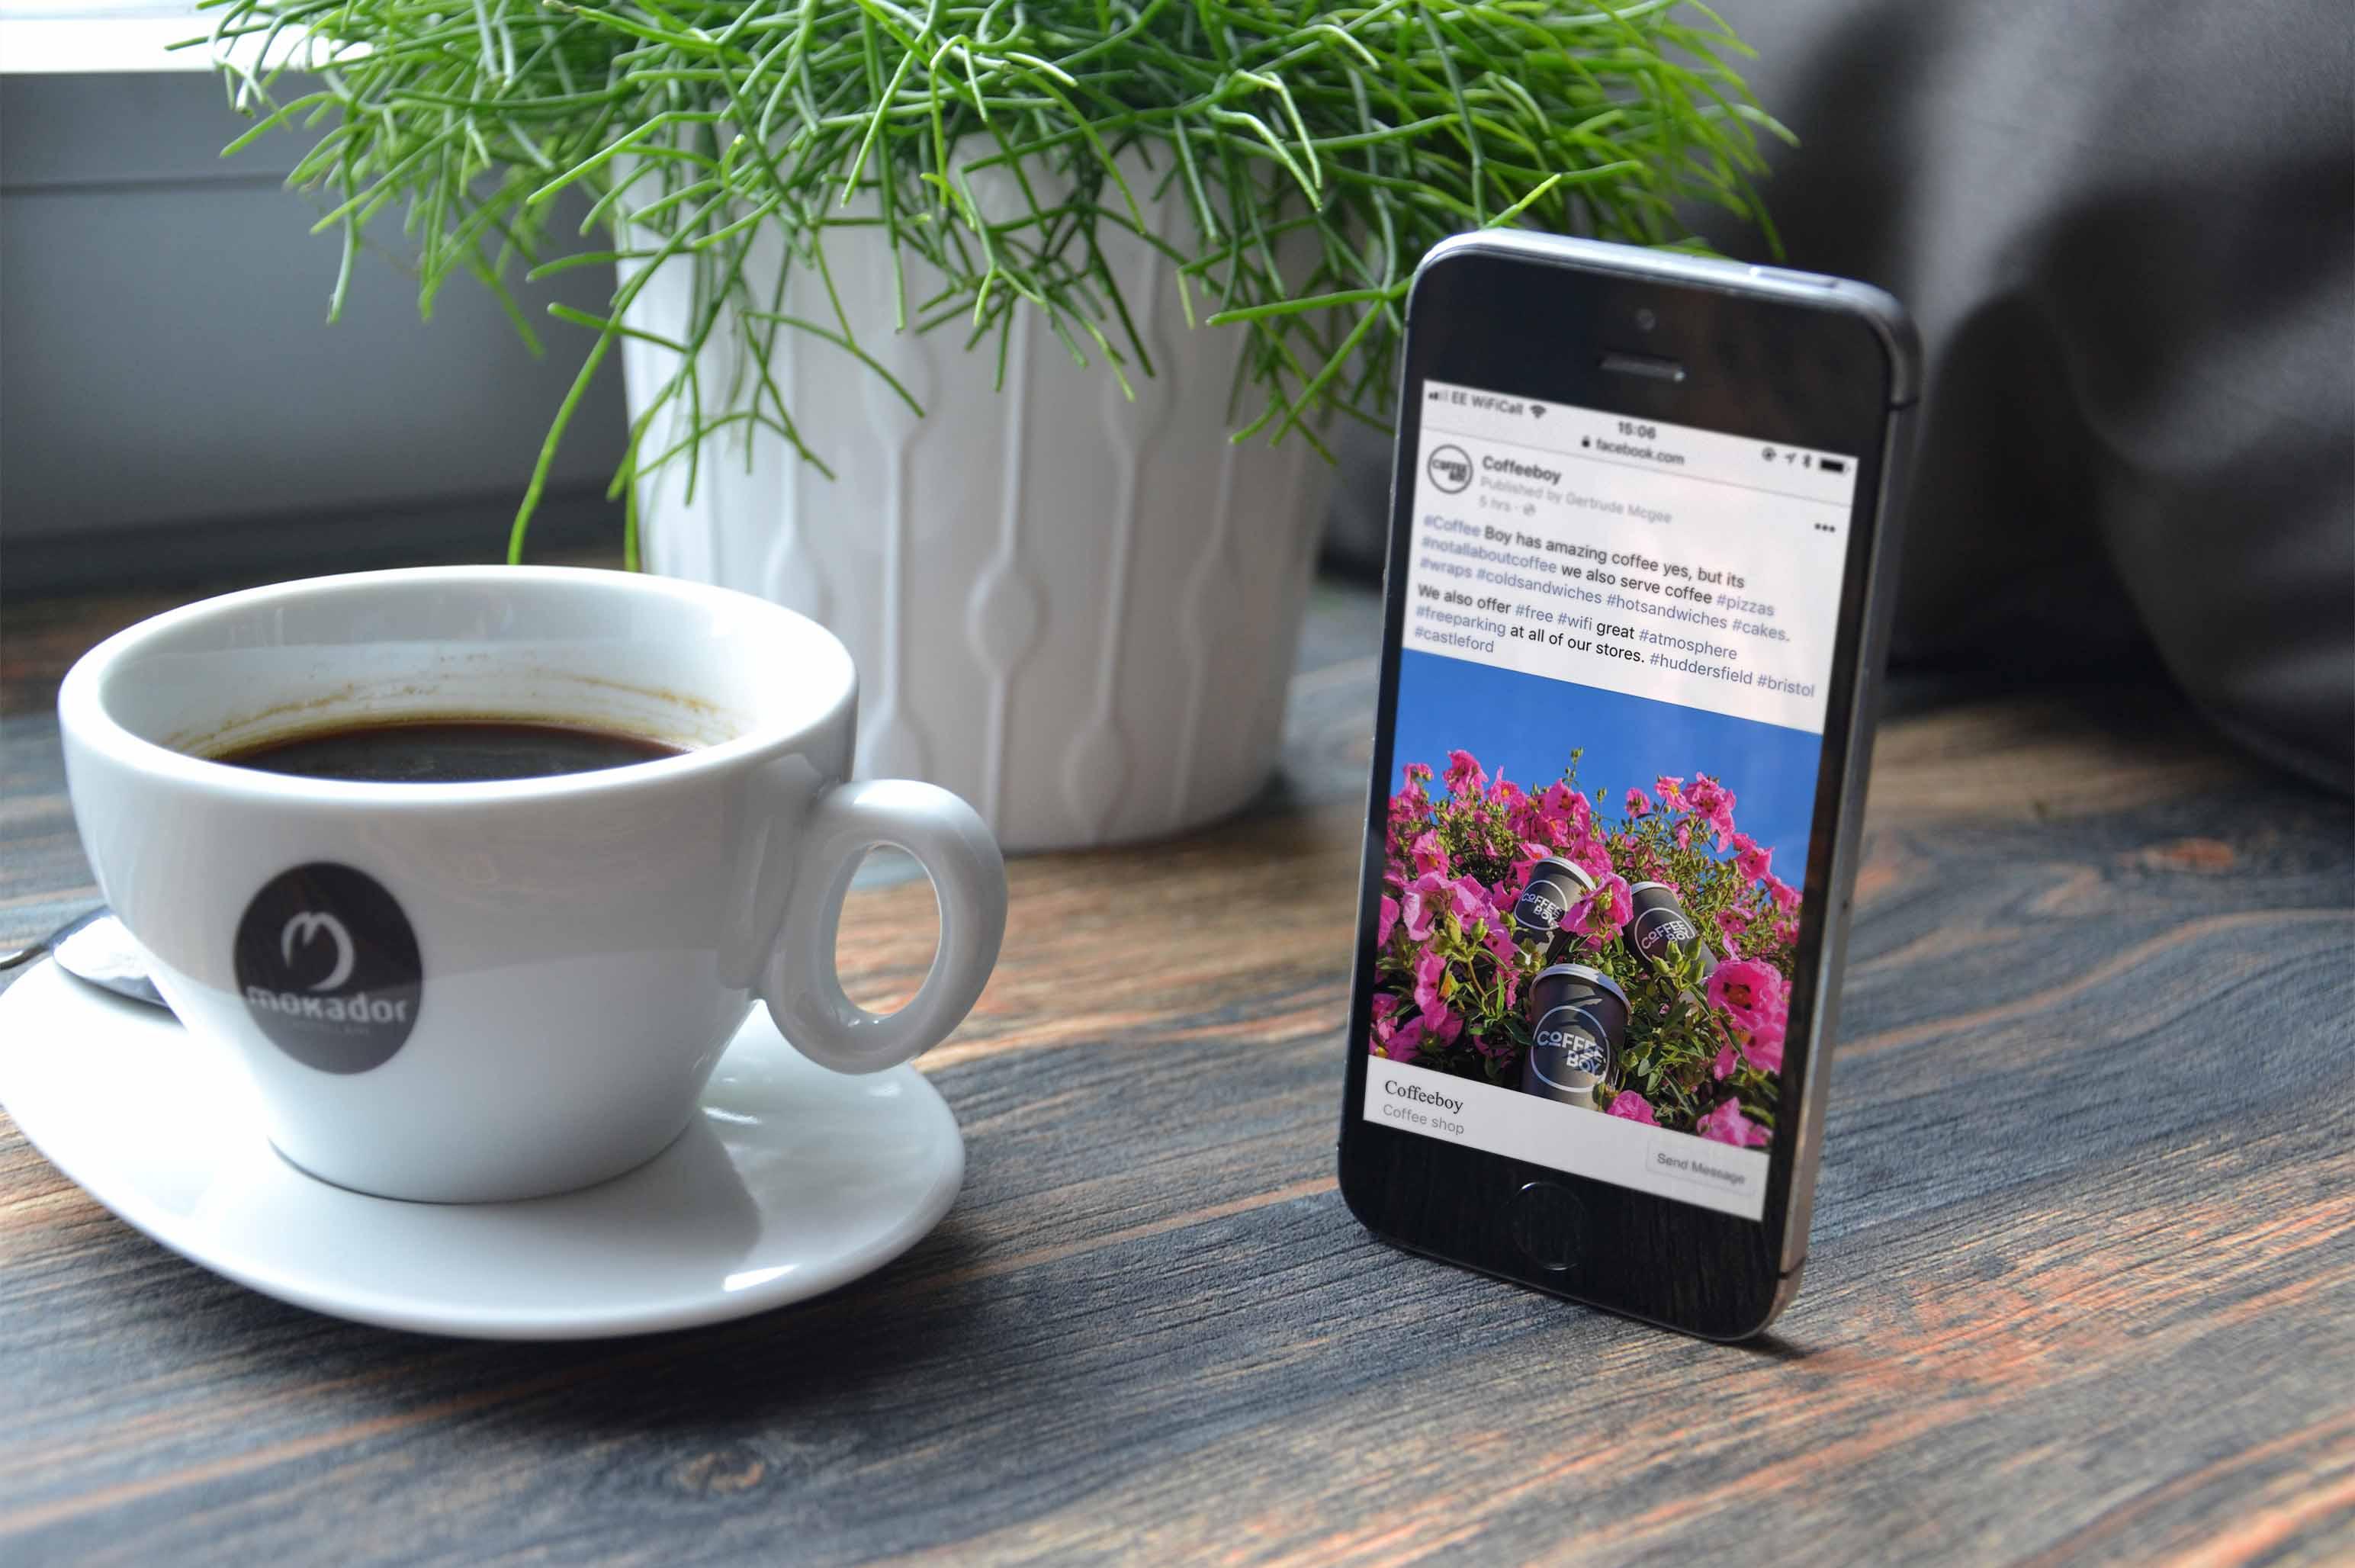 CoffeeBoy Facebook Page